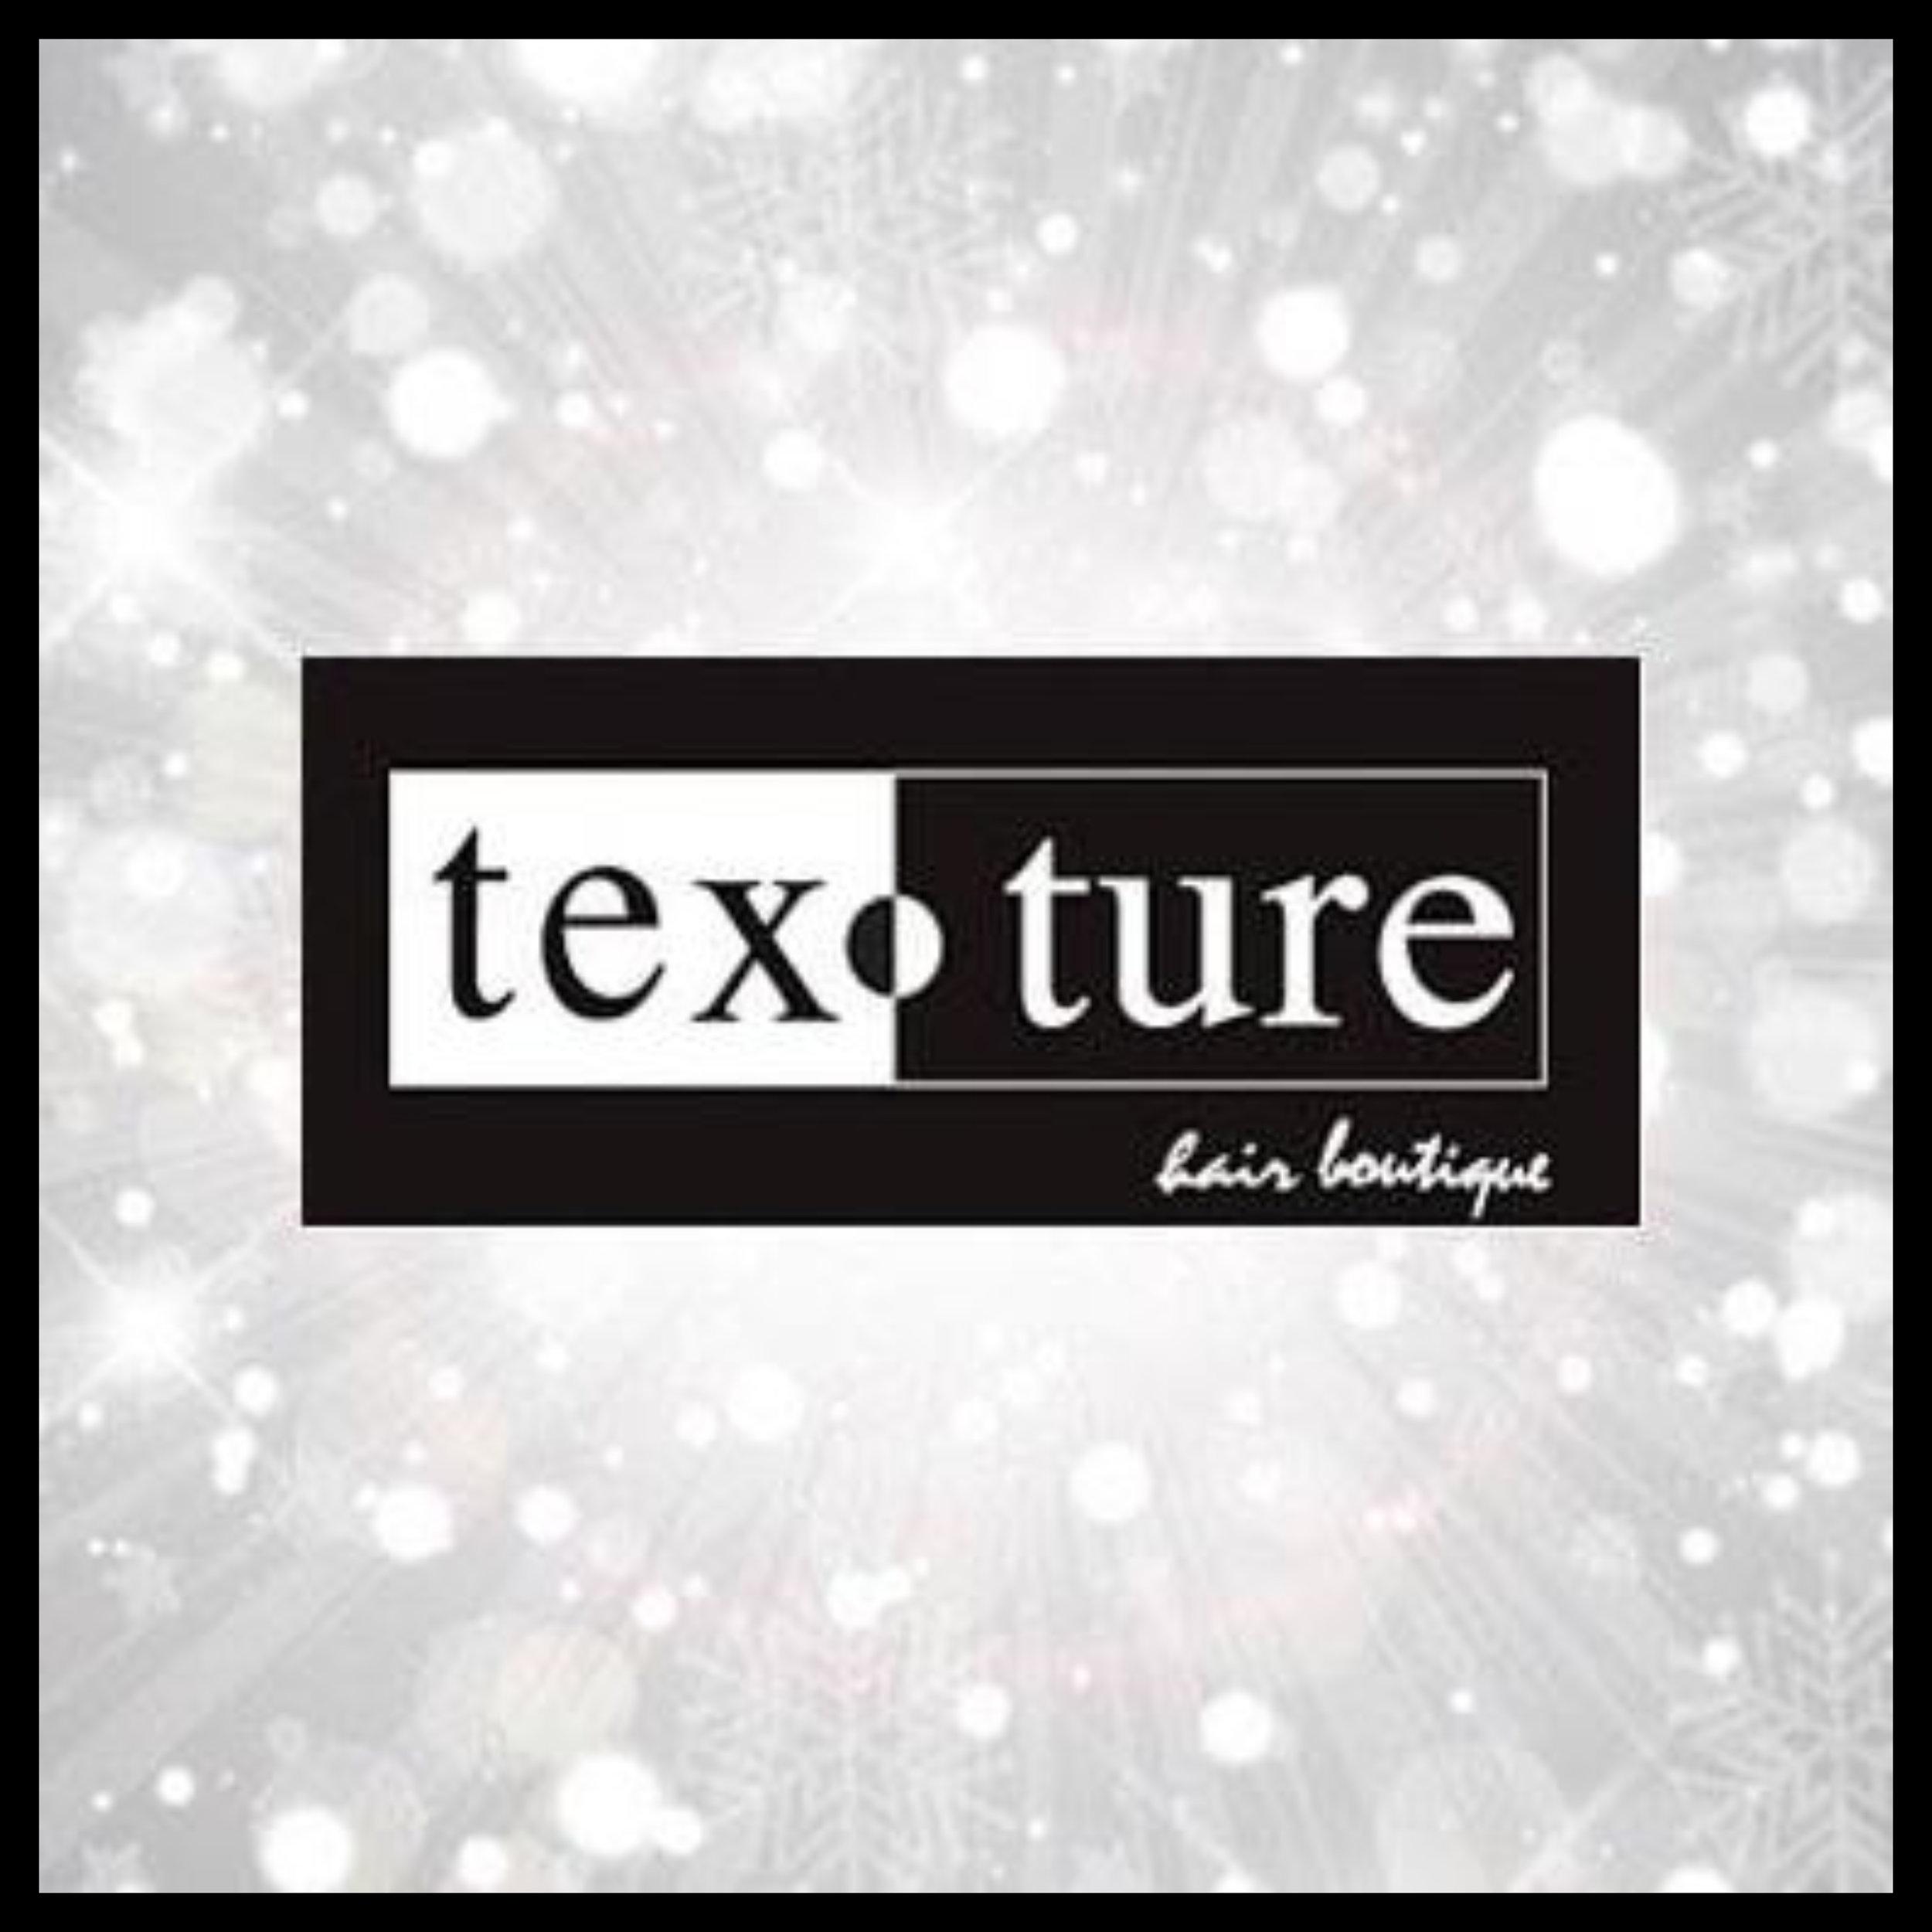 TextureBoutiqueSQ.jpg